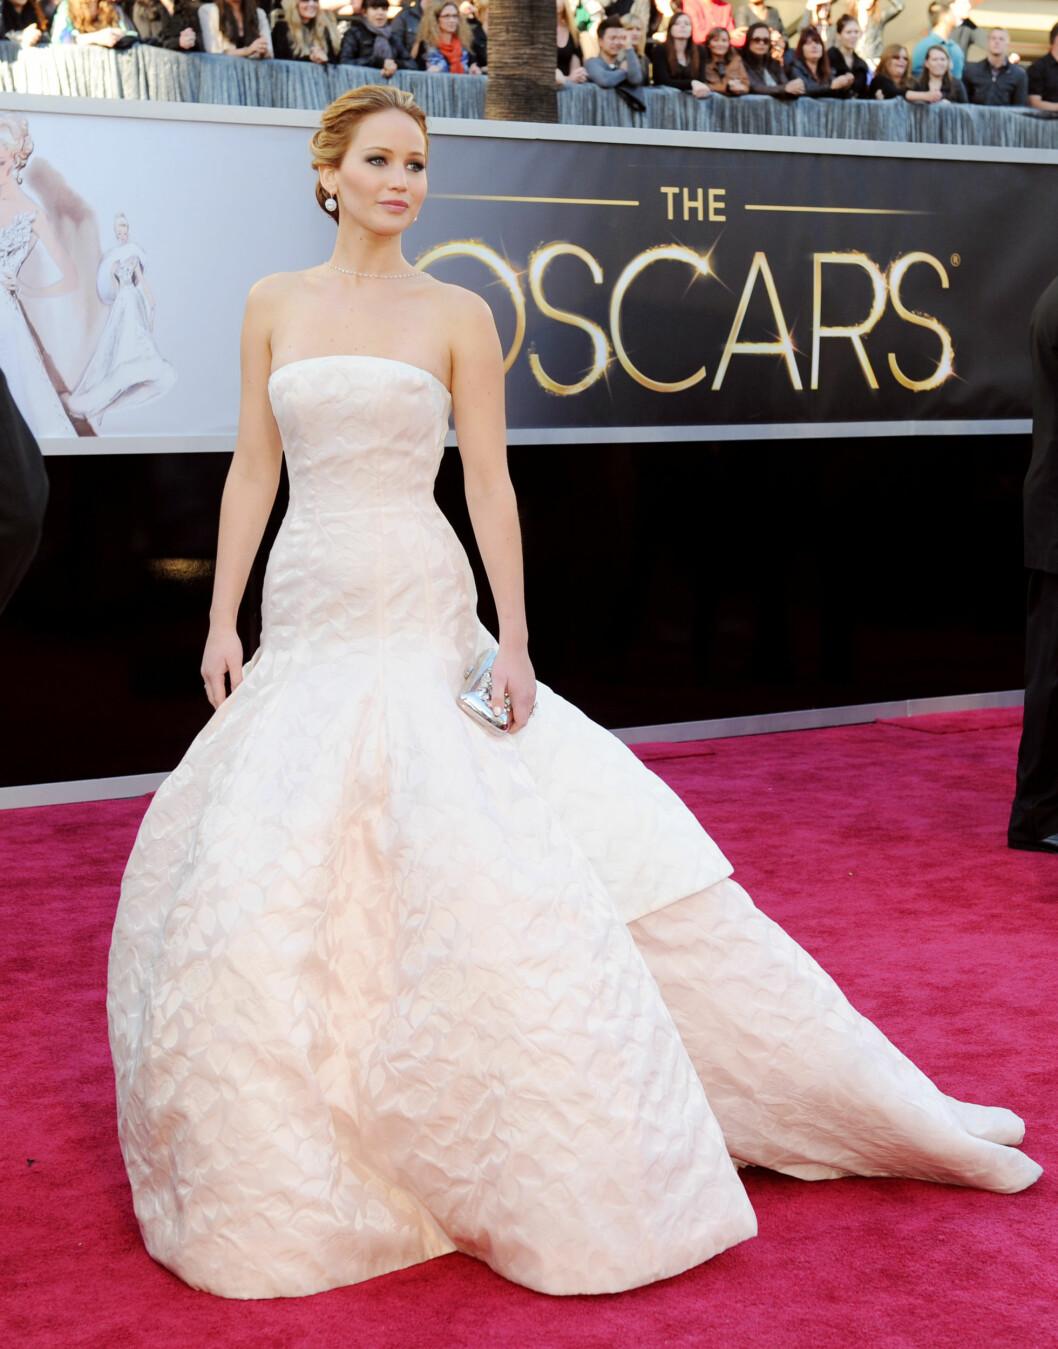 SKANDALE: Det ble nylig spredd en rekke private nakenbilder av Jennifer Lawrence. Stjernen er kun én av mange kvinner som for tiden opplever det samme. Foto: UPI